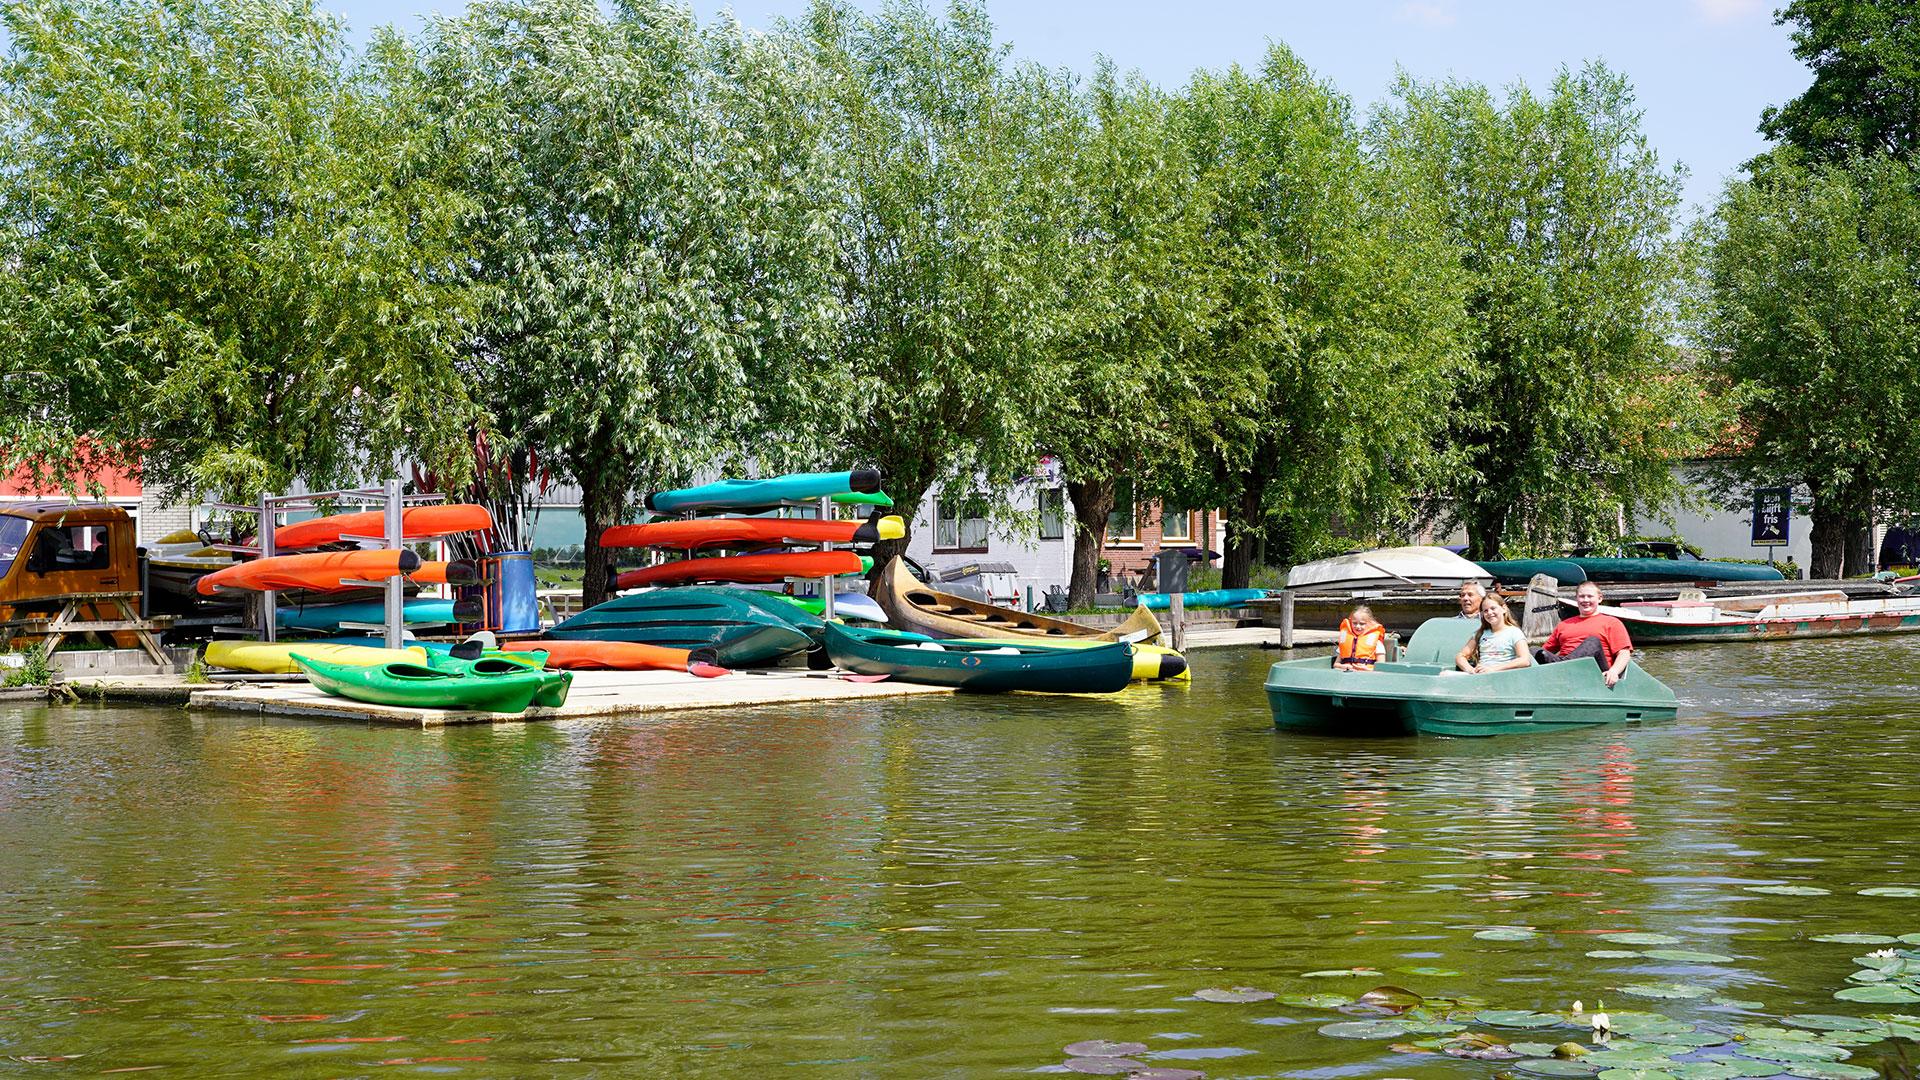 drie mensen in een groene waterfiets met in de achtergrond felgekleurde kano's op de kant voor de verhuur door Kanoverhuur Schipluiden in Midden-Delfland